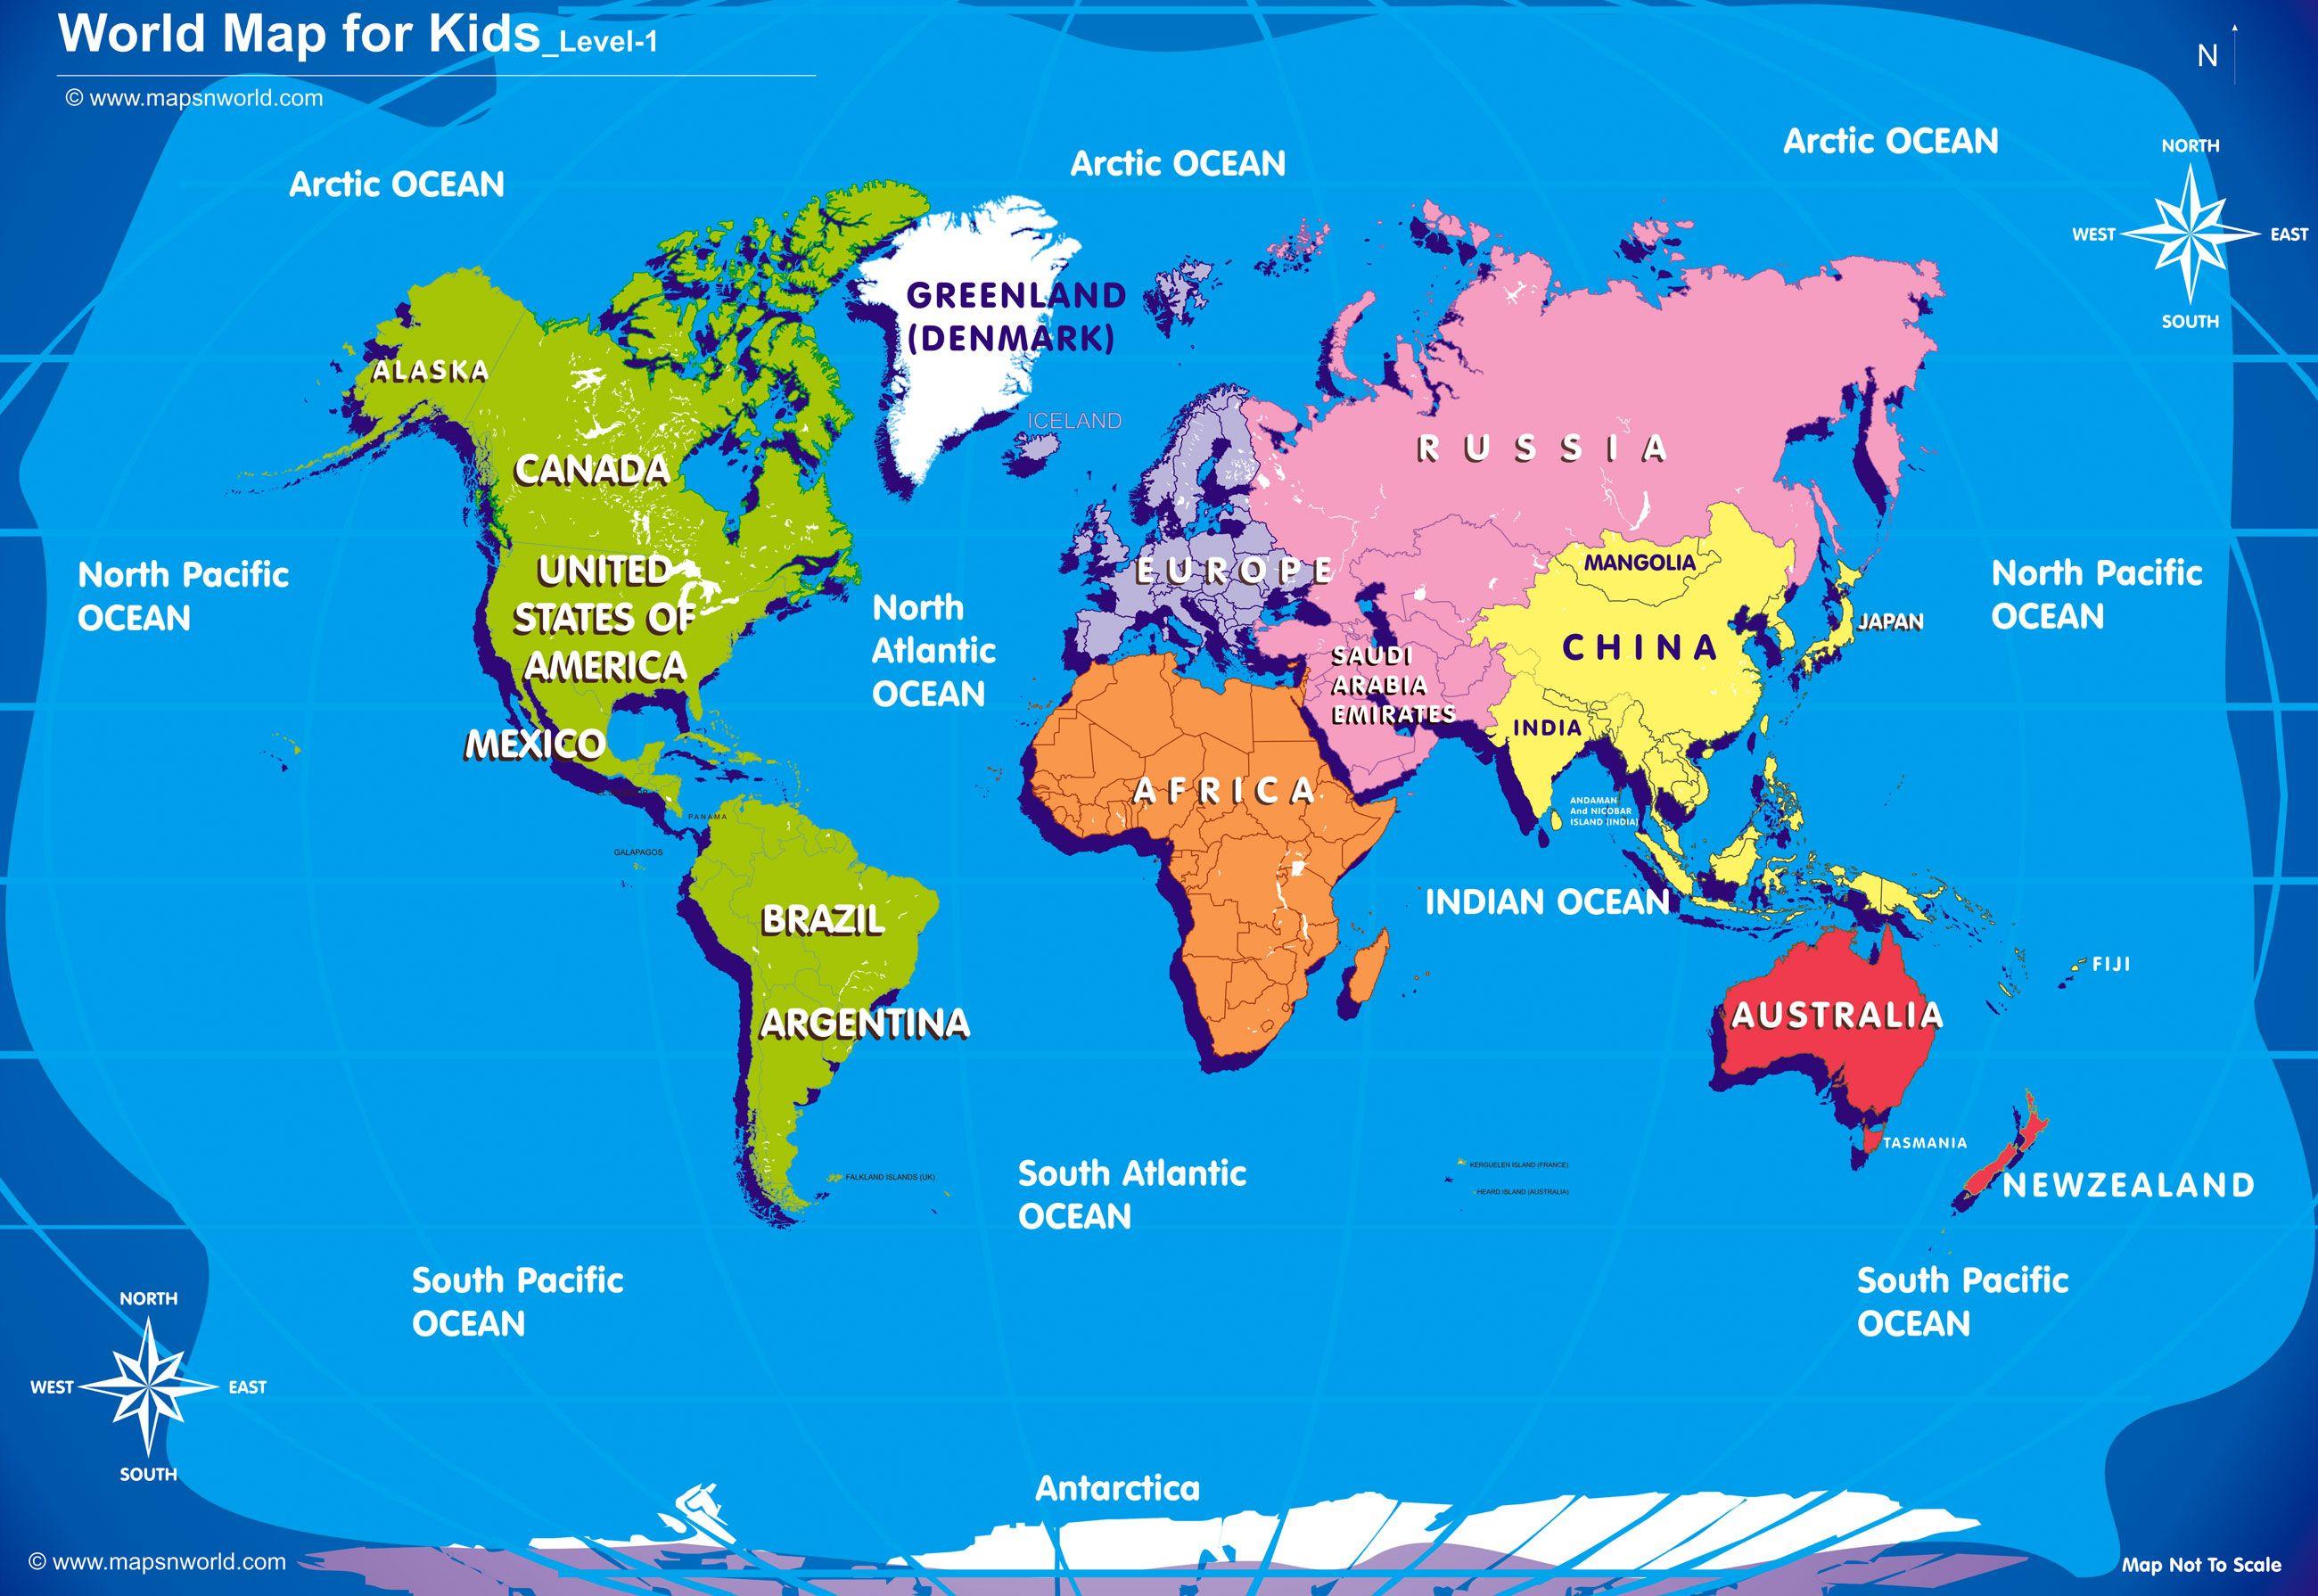 Easy World Map For Kids Cvln Rp